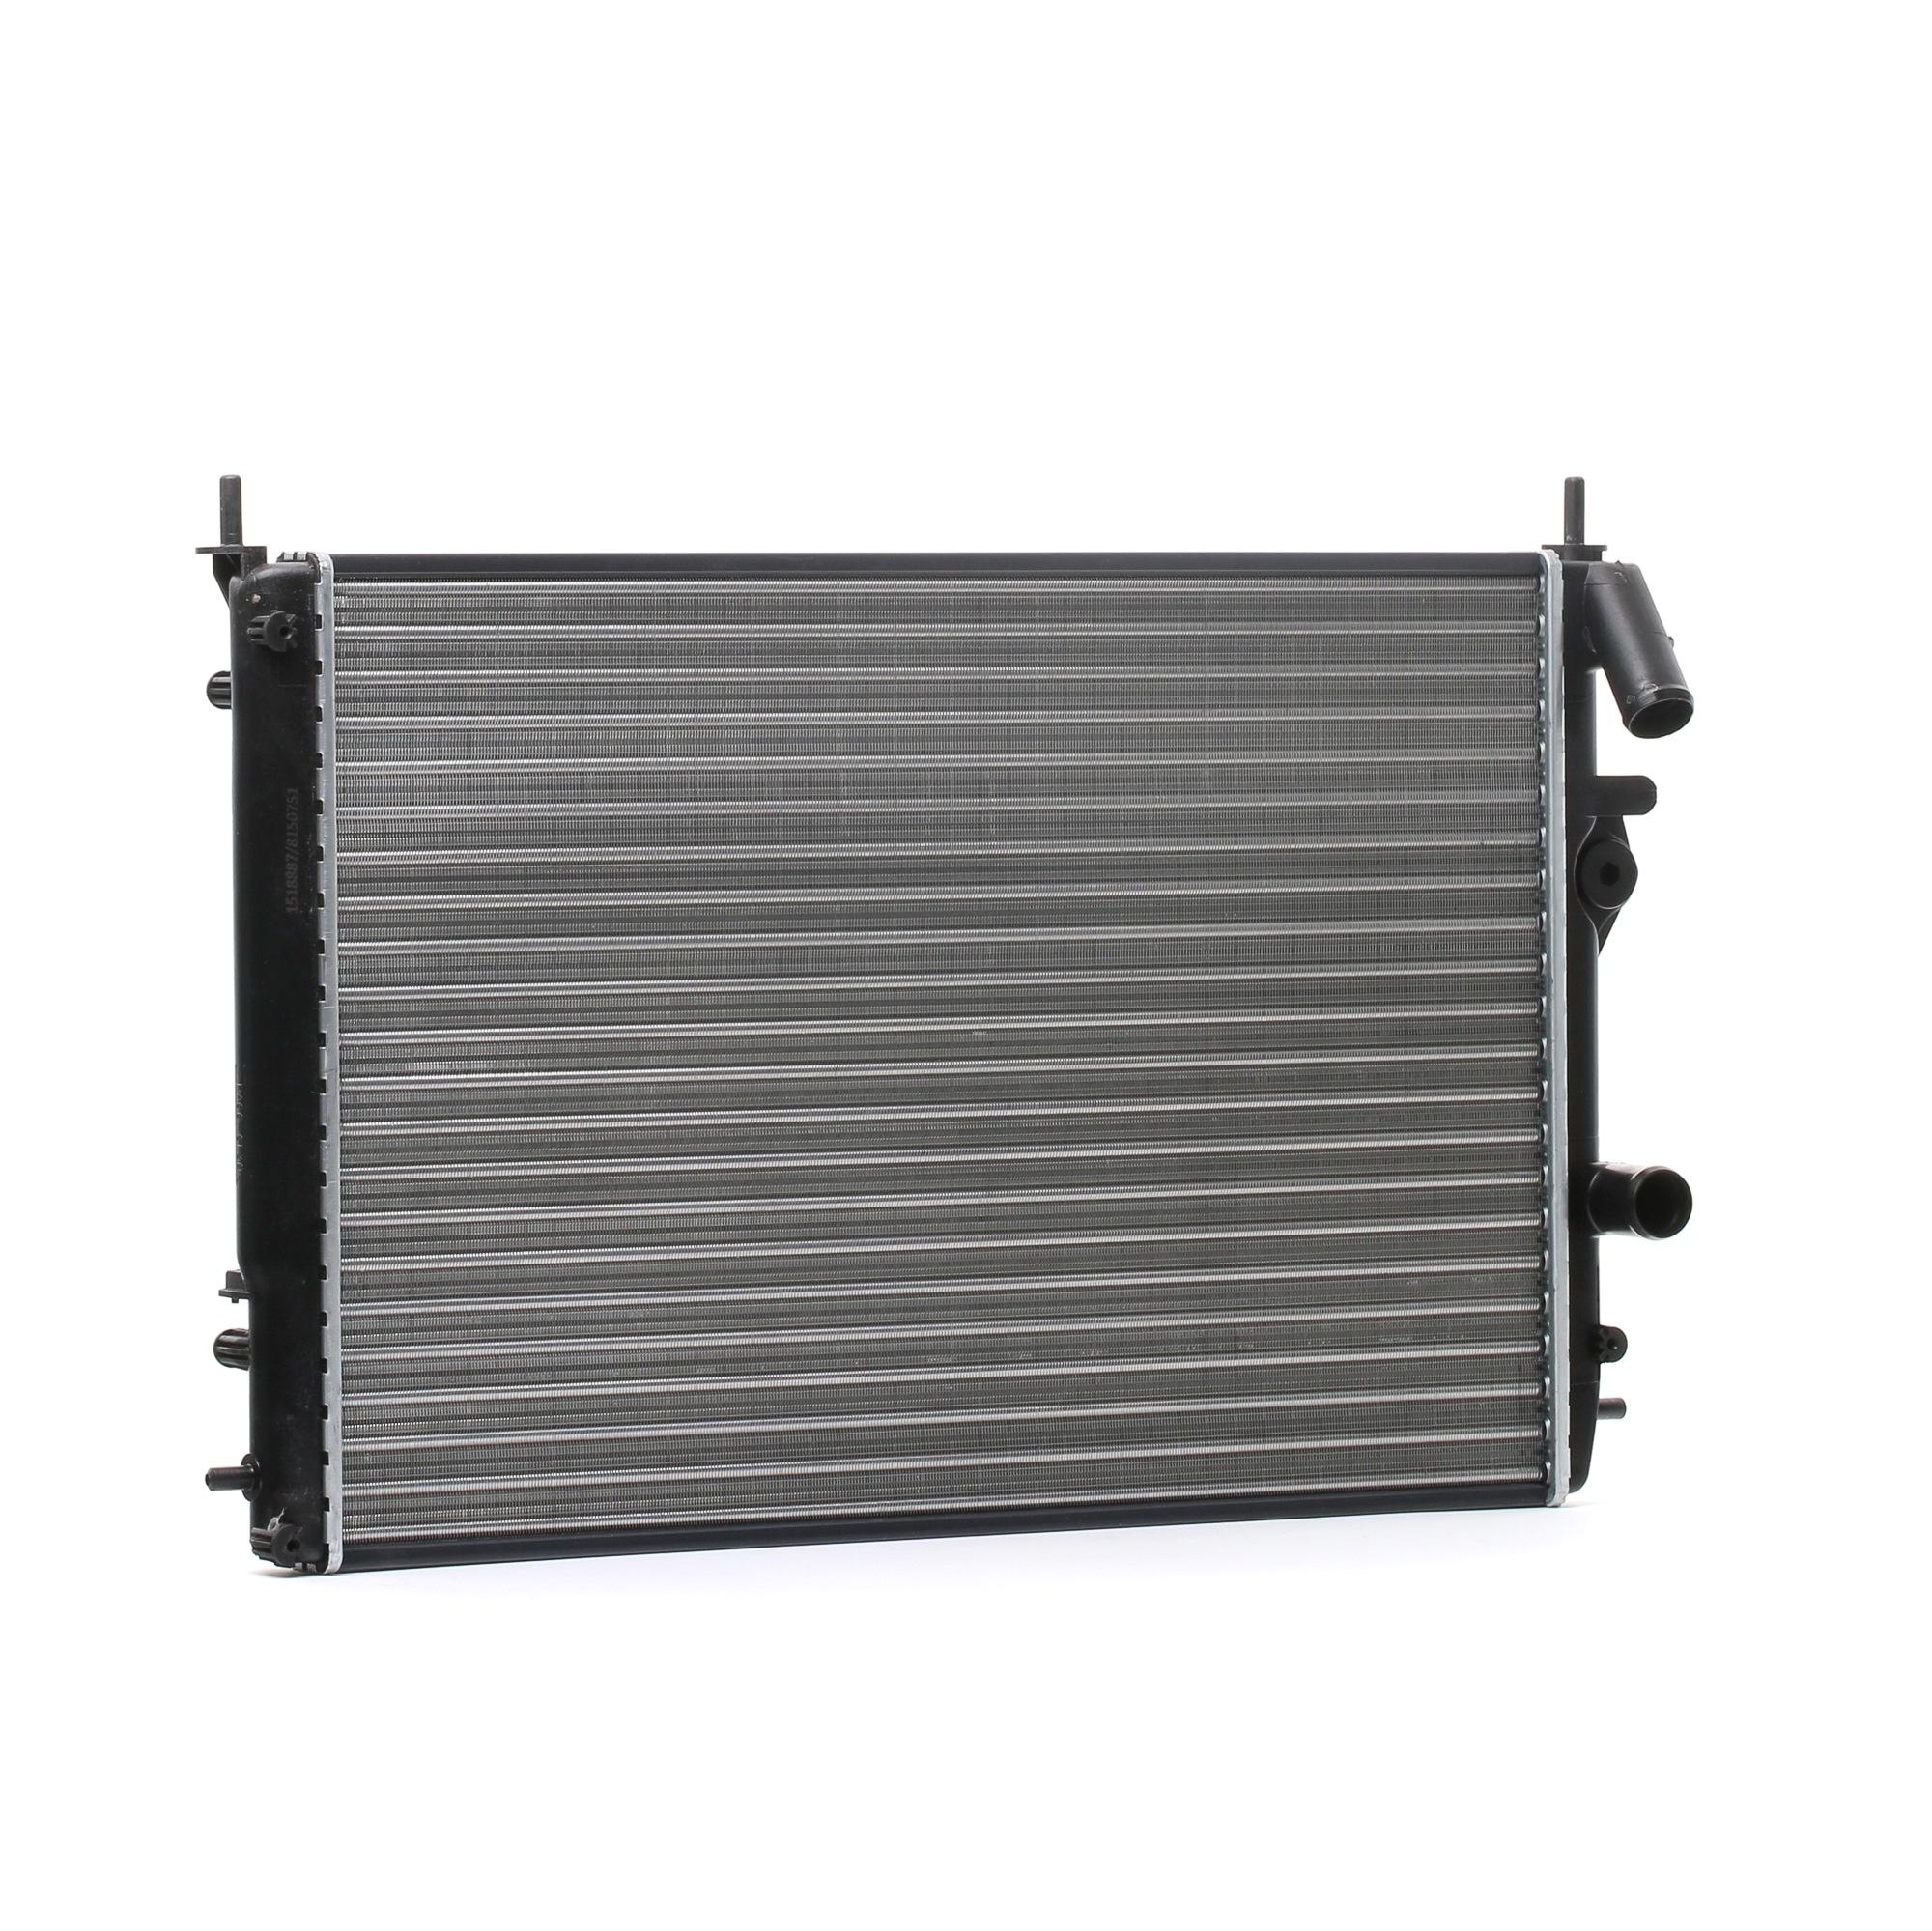 Radiatore Raffreddamento Motore RIDEX 470R0159 valutazione